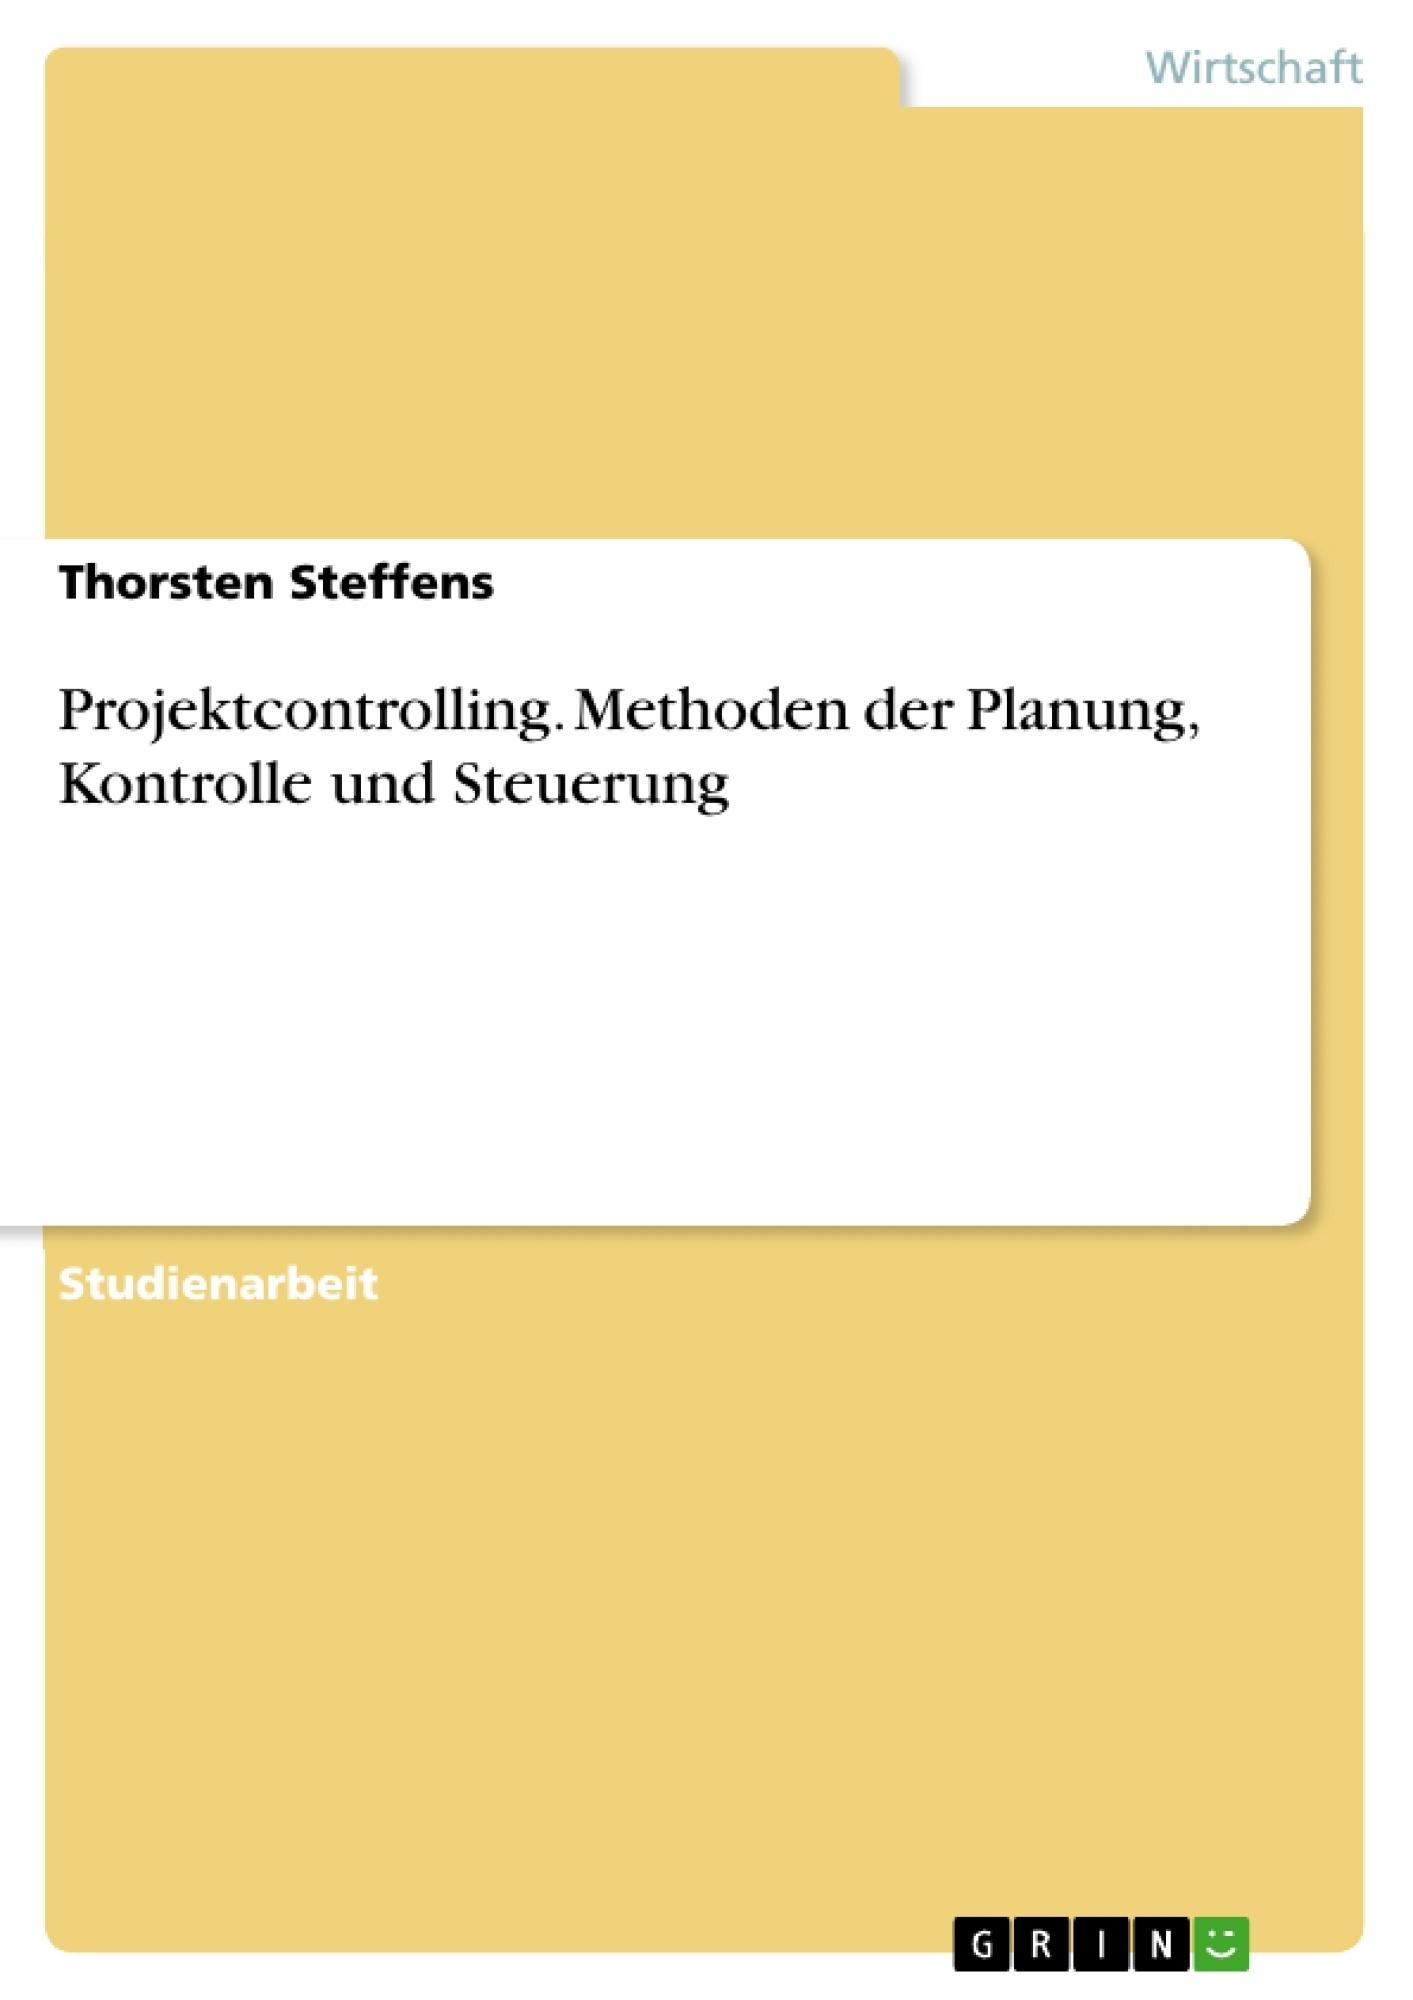 Titel: Projektcontrolling. Methoden der Planung, Kontrolle und Steuerung